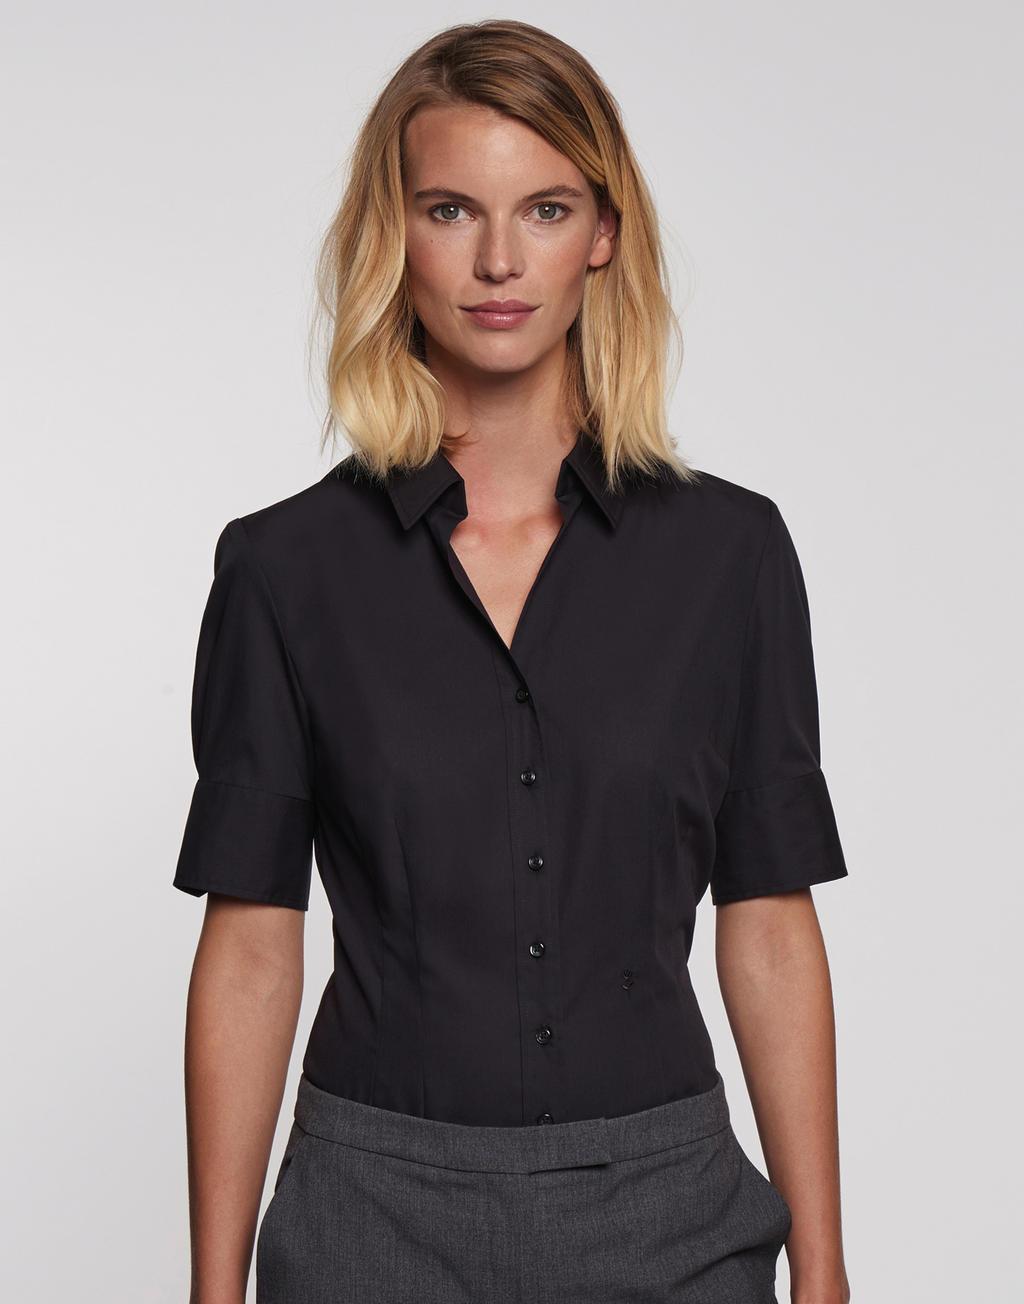 b36e3095f02 Dámská košile Černá růže s krátkým rukávem